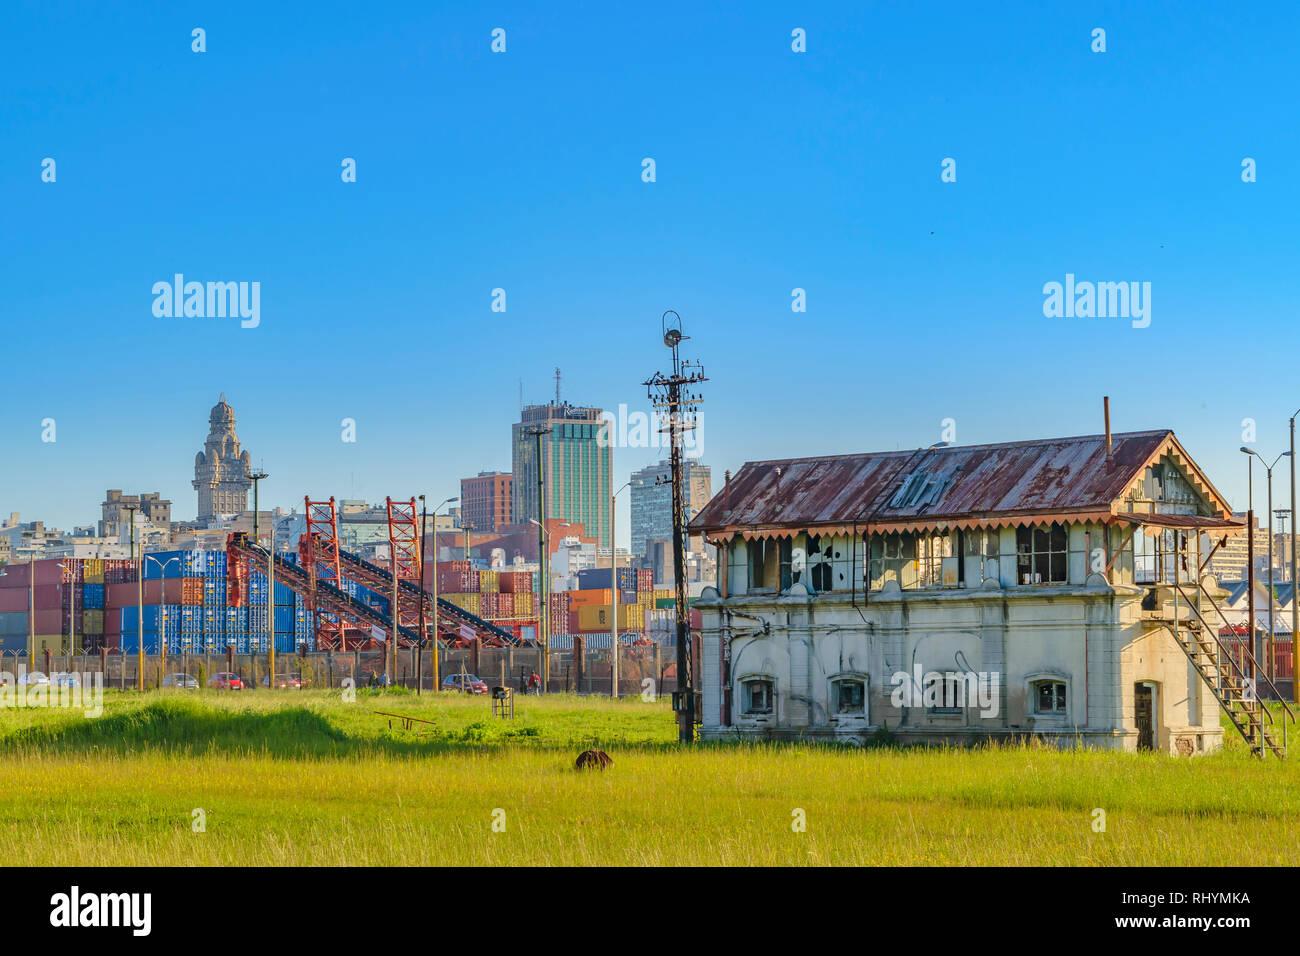 La ville de Montevideo skyline abandonnés ancienne gare point de vue Photo Stock